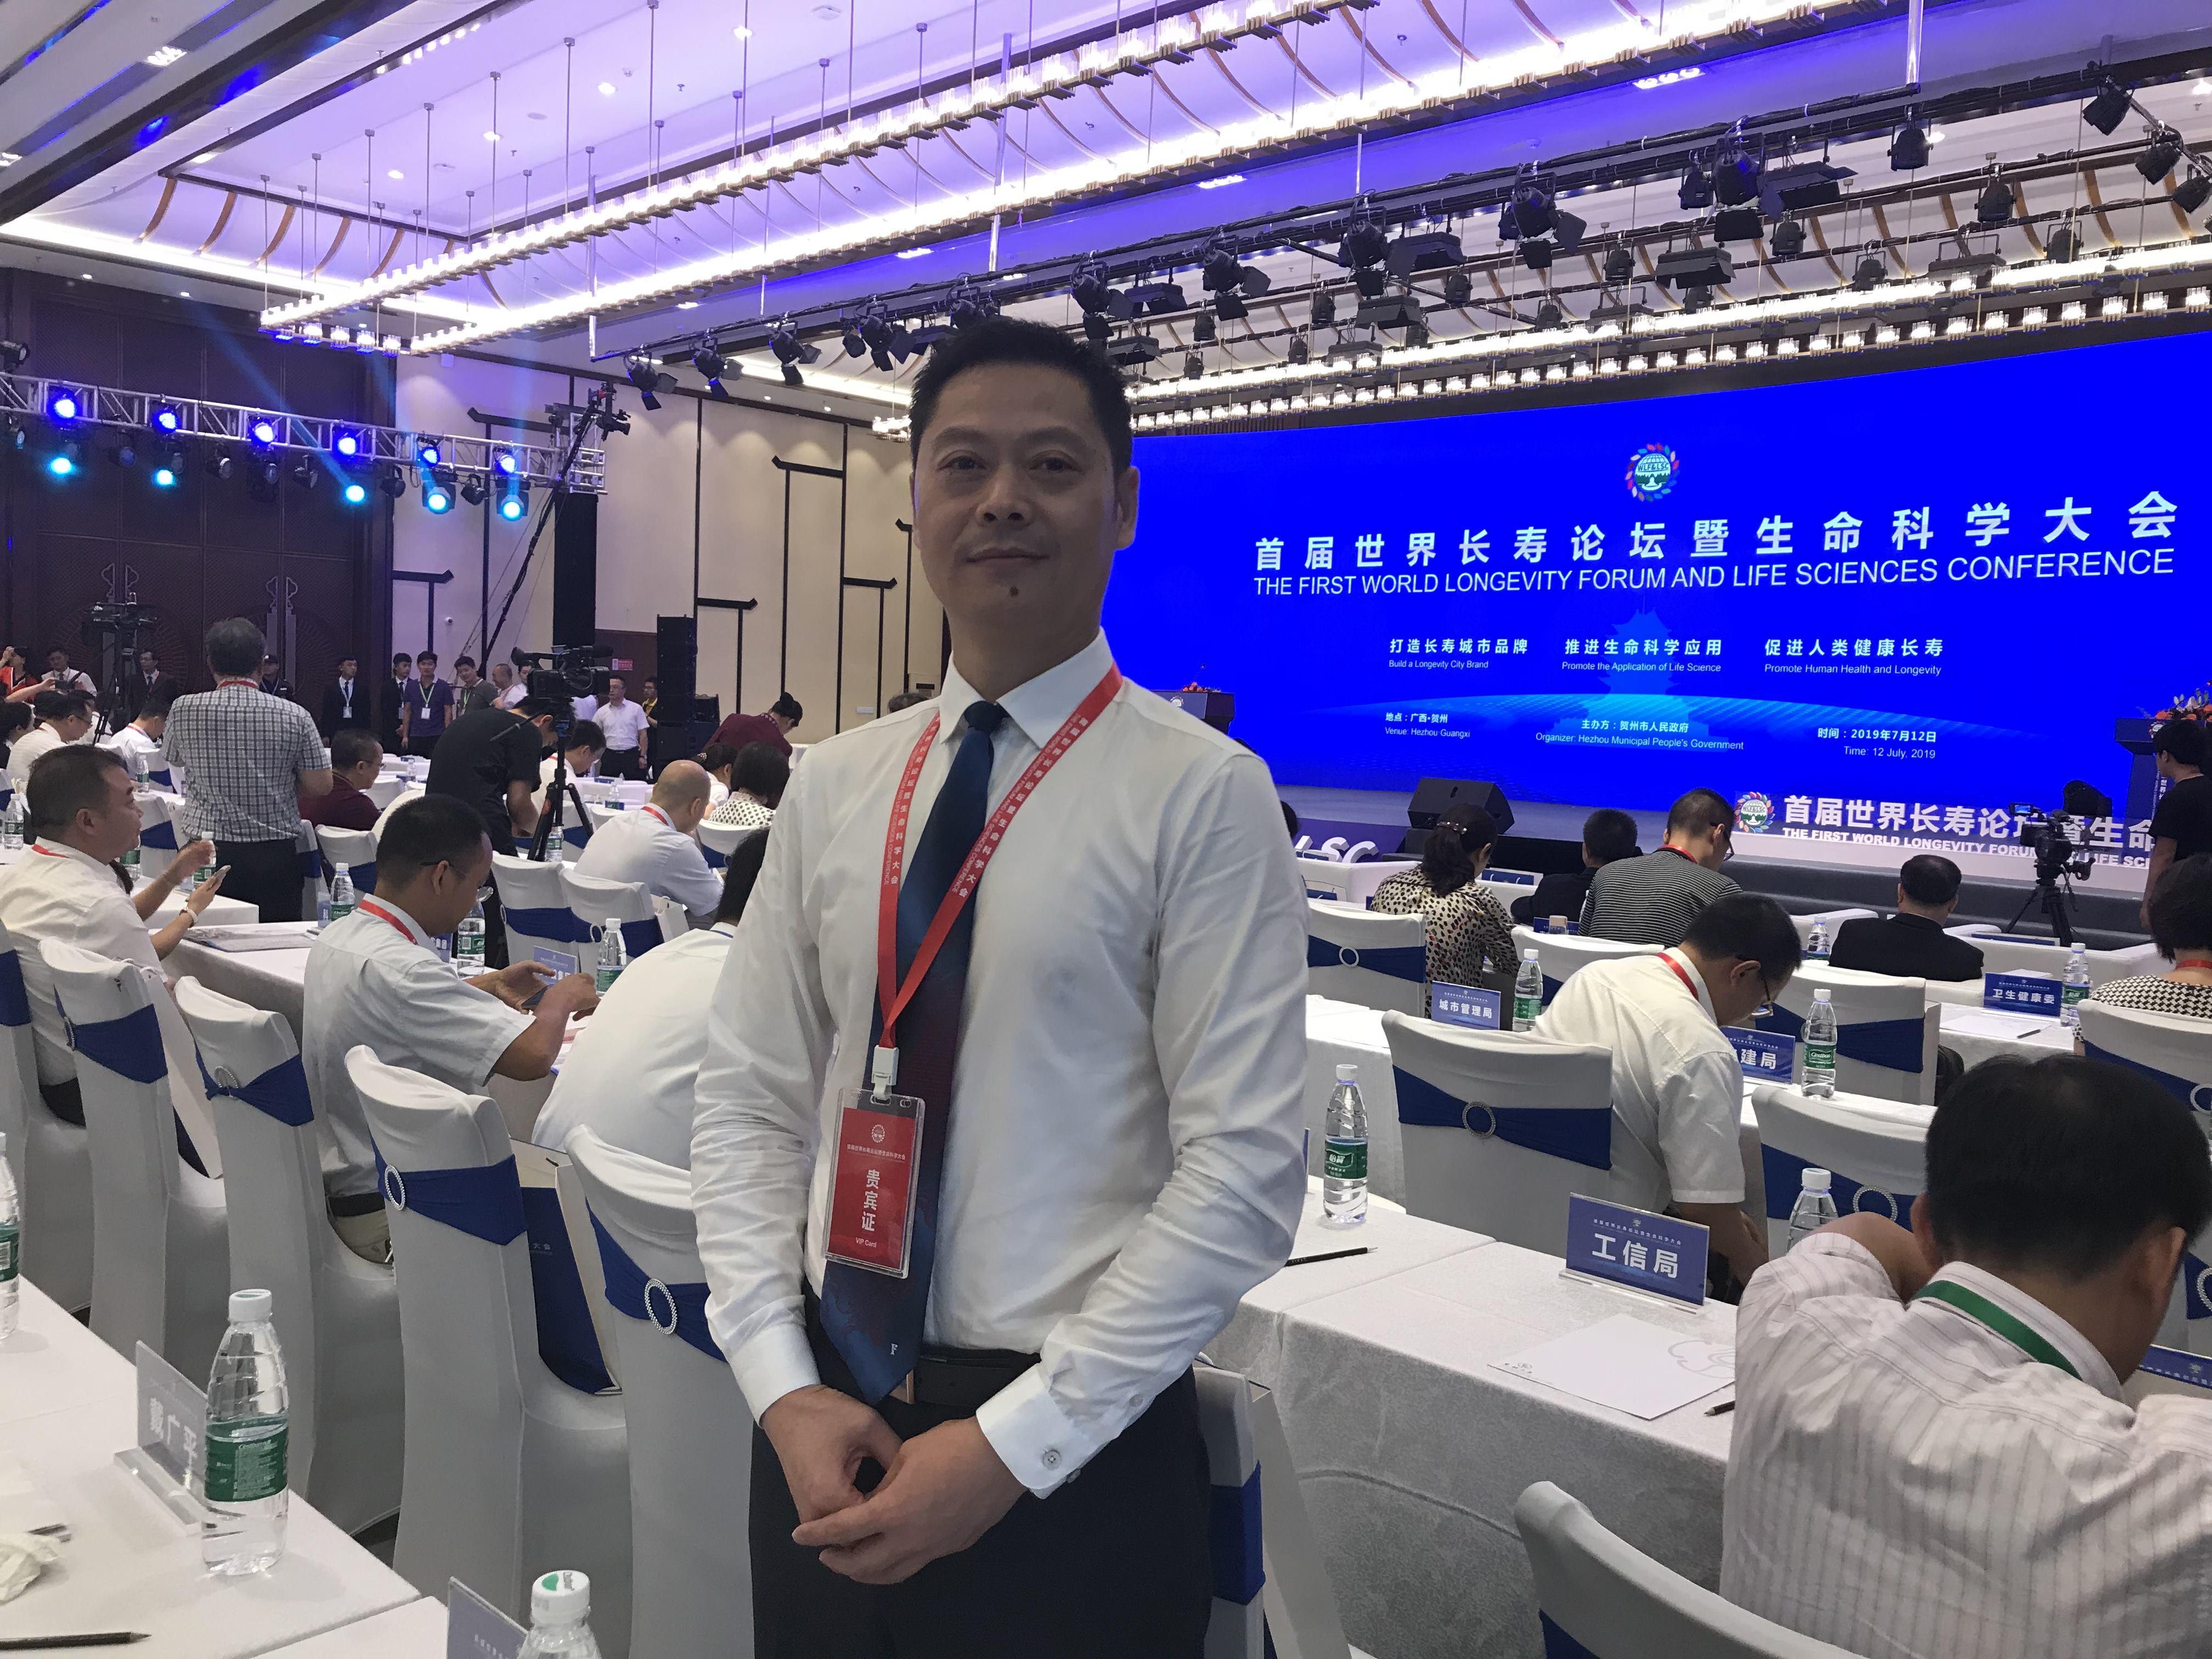 苏州锦协医疗器械厂董事长戴广平获邀出席首届世界长寿高峰论坛